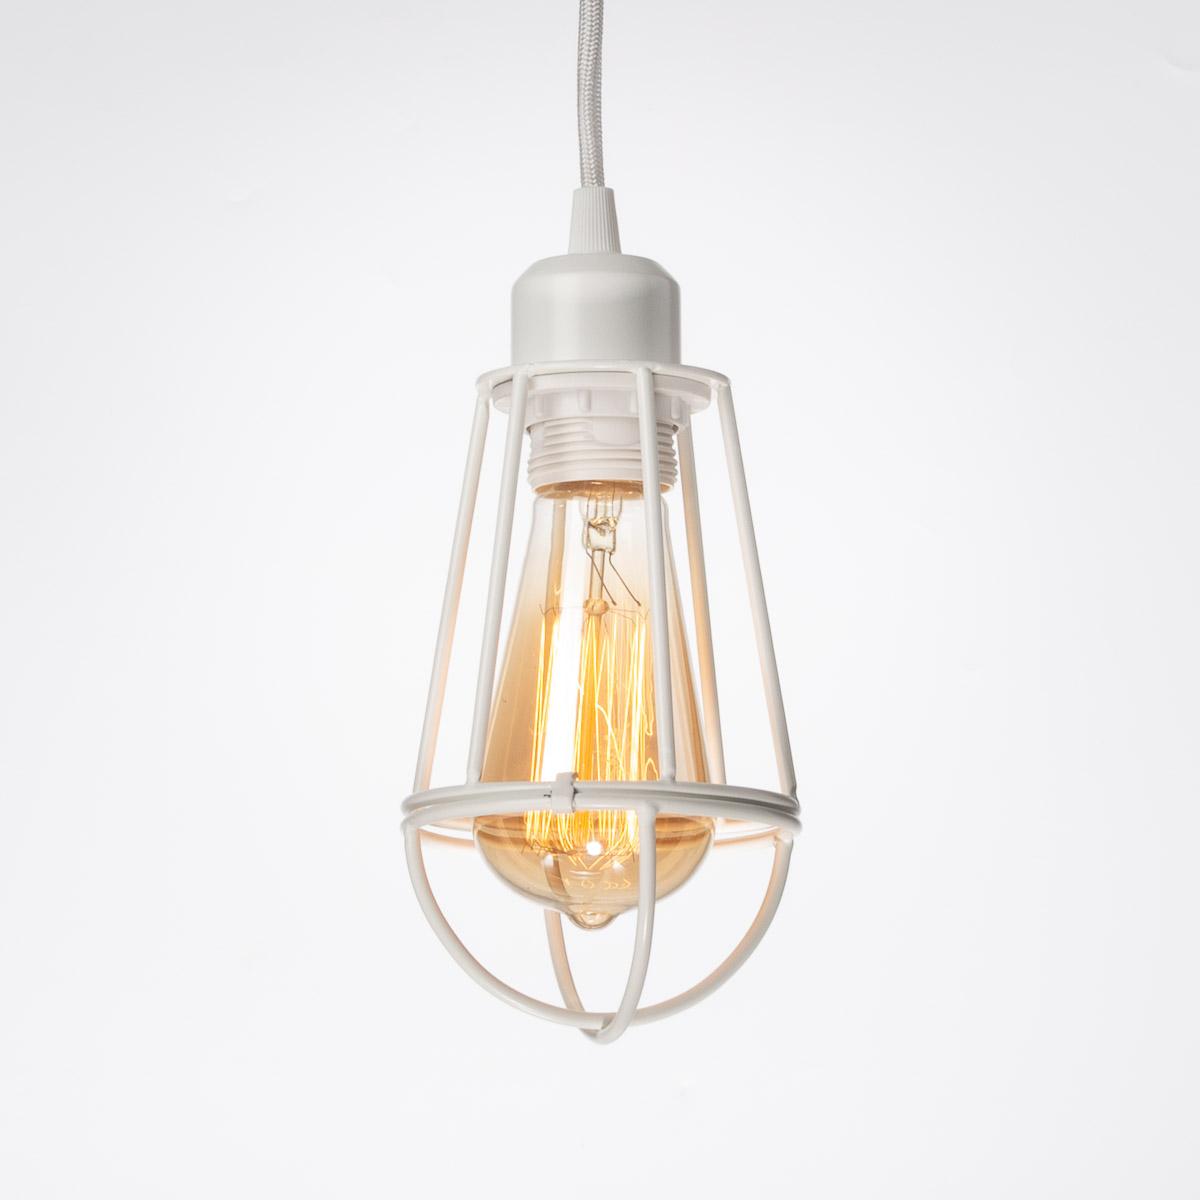 Потолочный светильник Alva белый